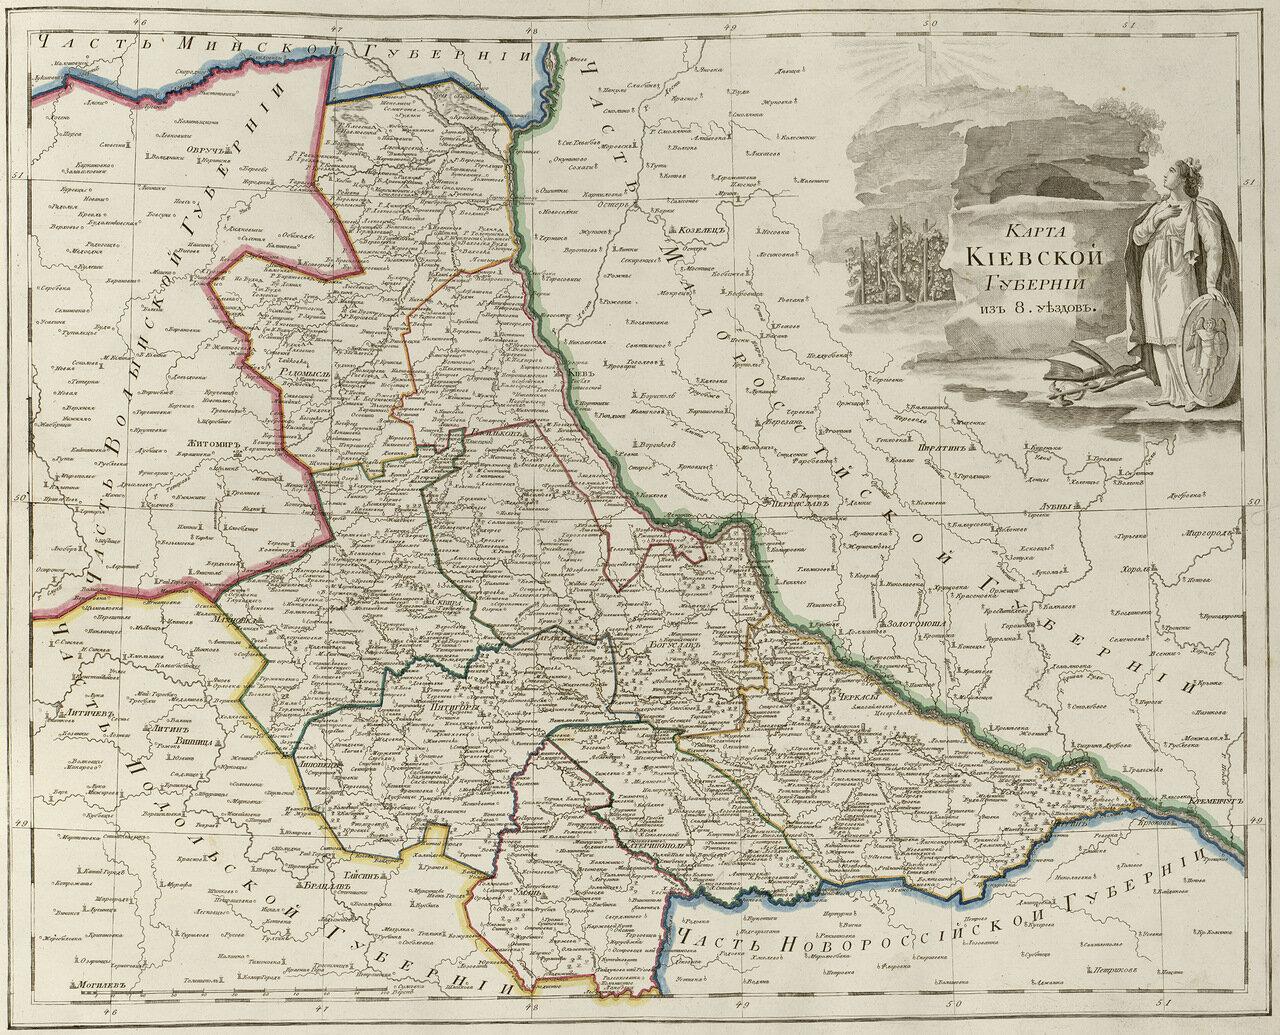 39. Карта Киевской губернии